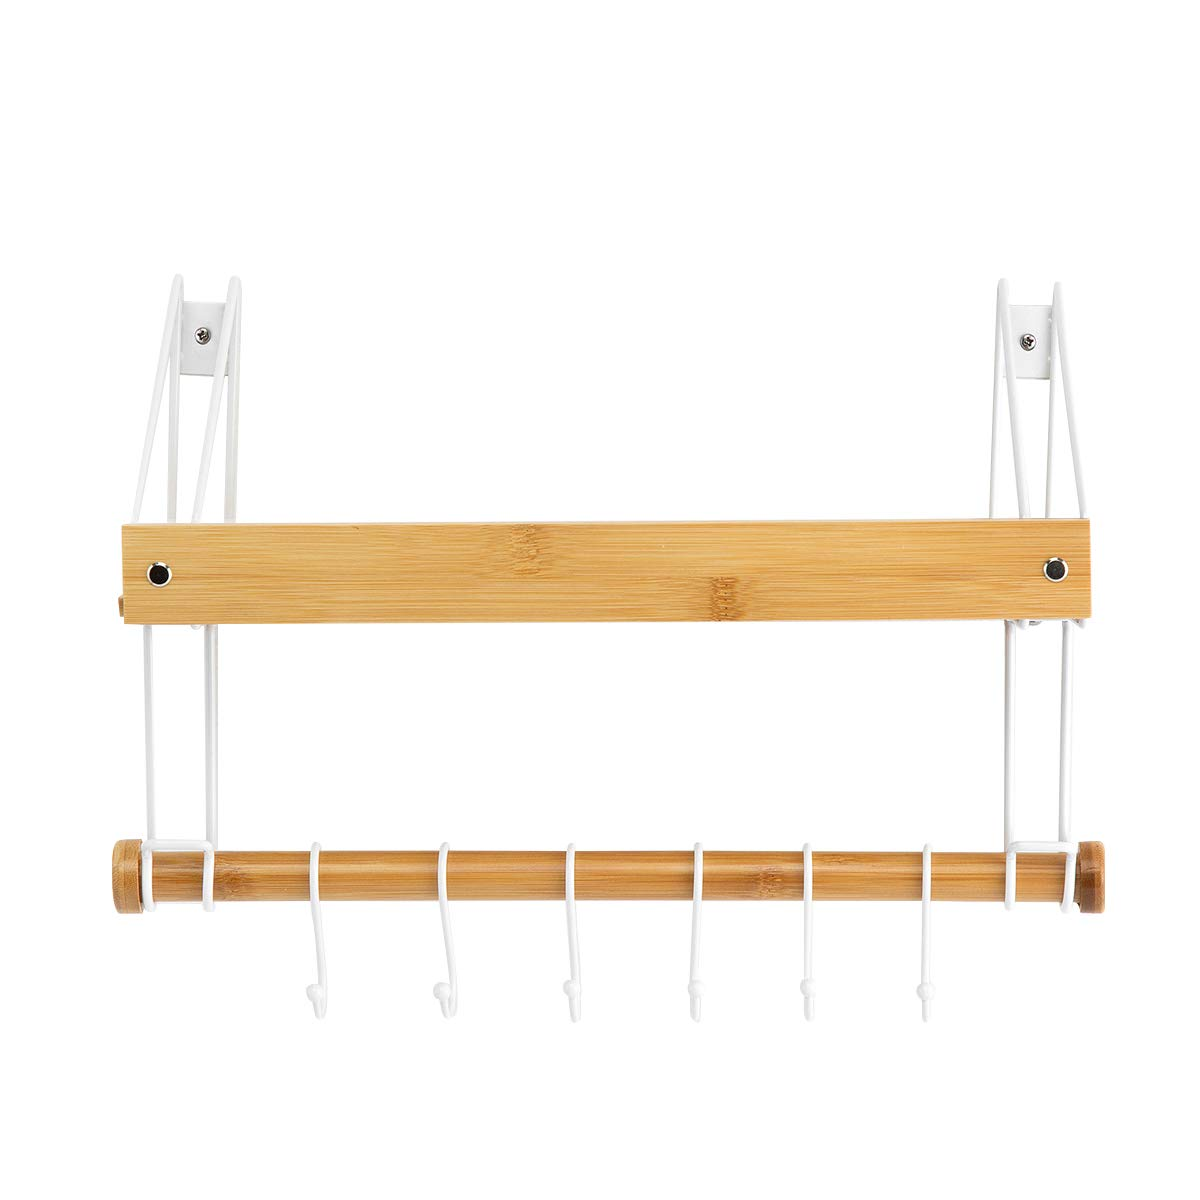 Mensola bagno spazio libero di perforazione portasciugamani monostrato in alluminio con gancio hardware pendente bianco 50 cm